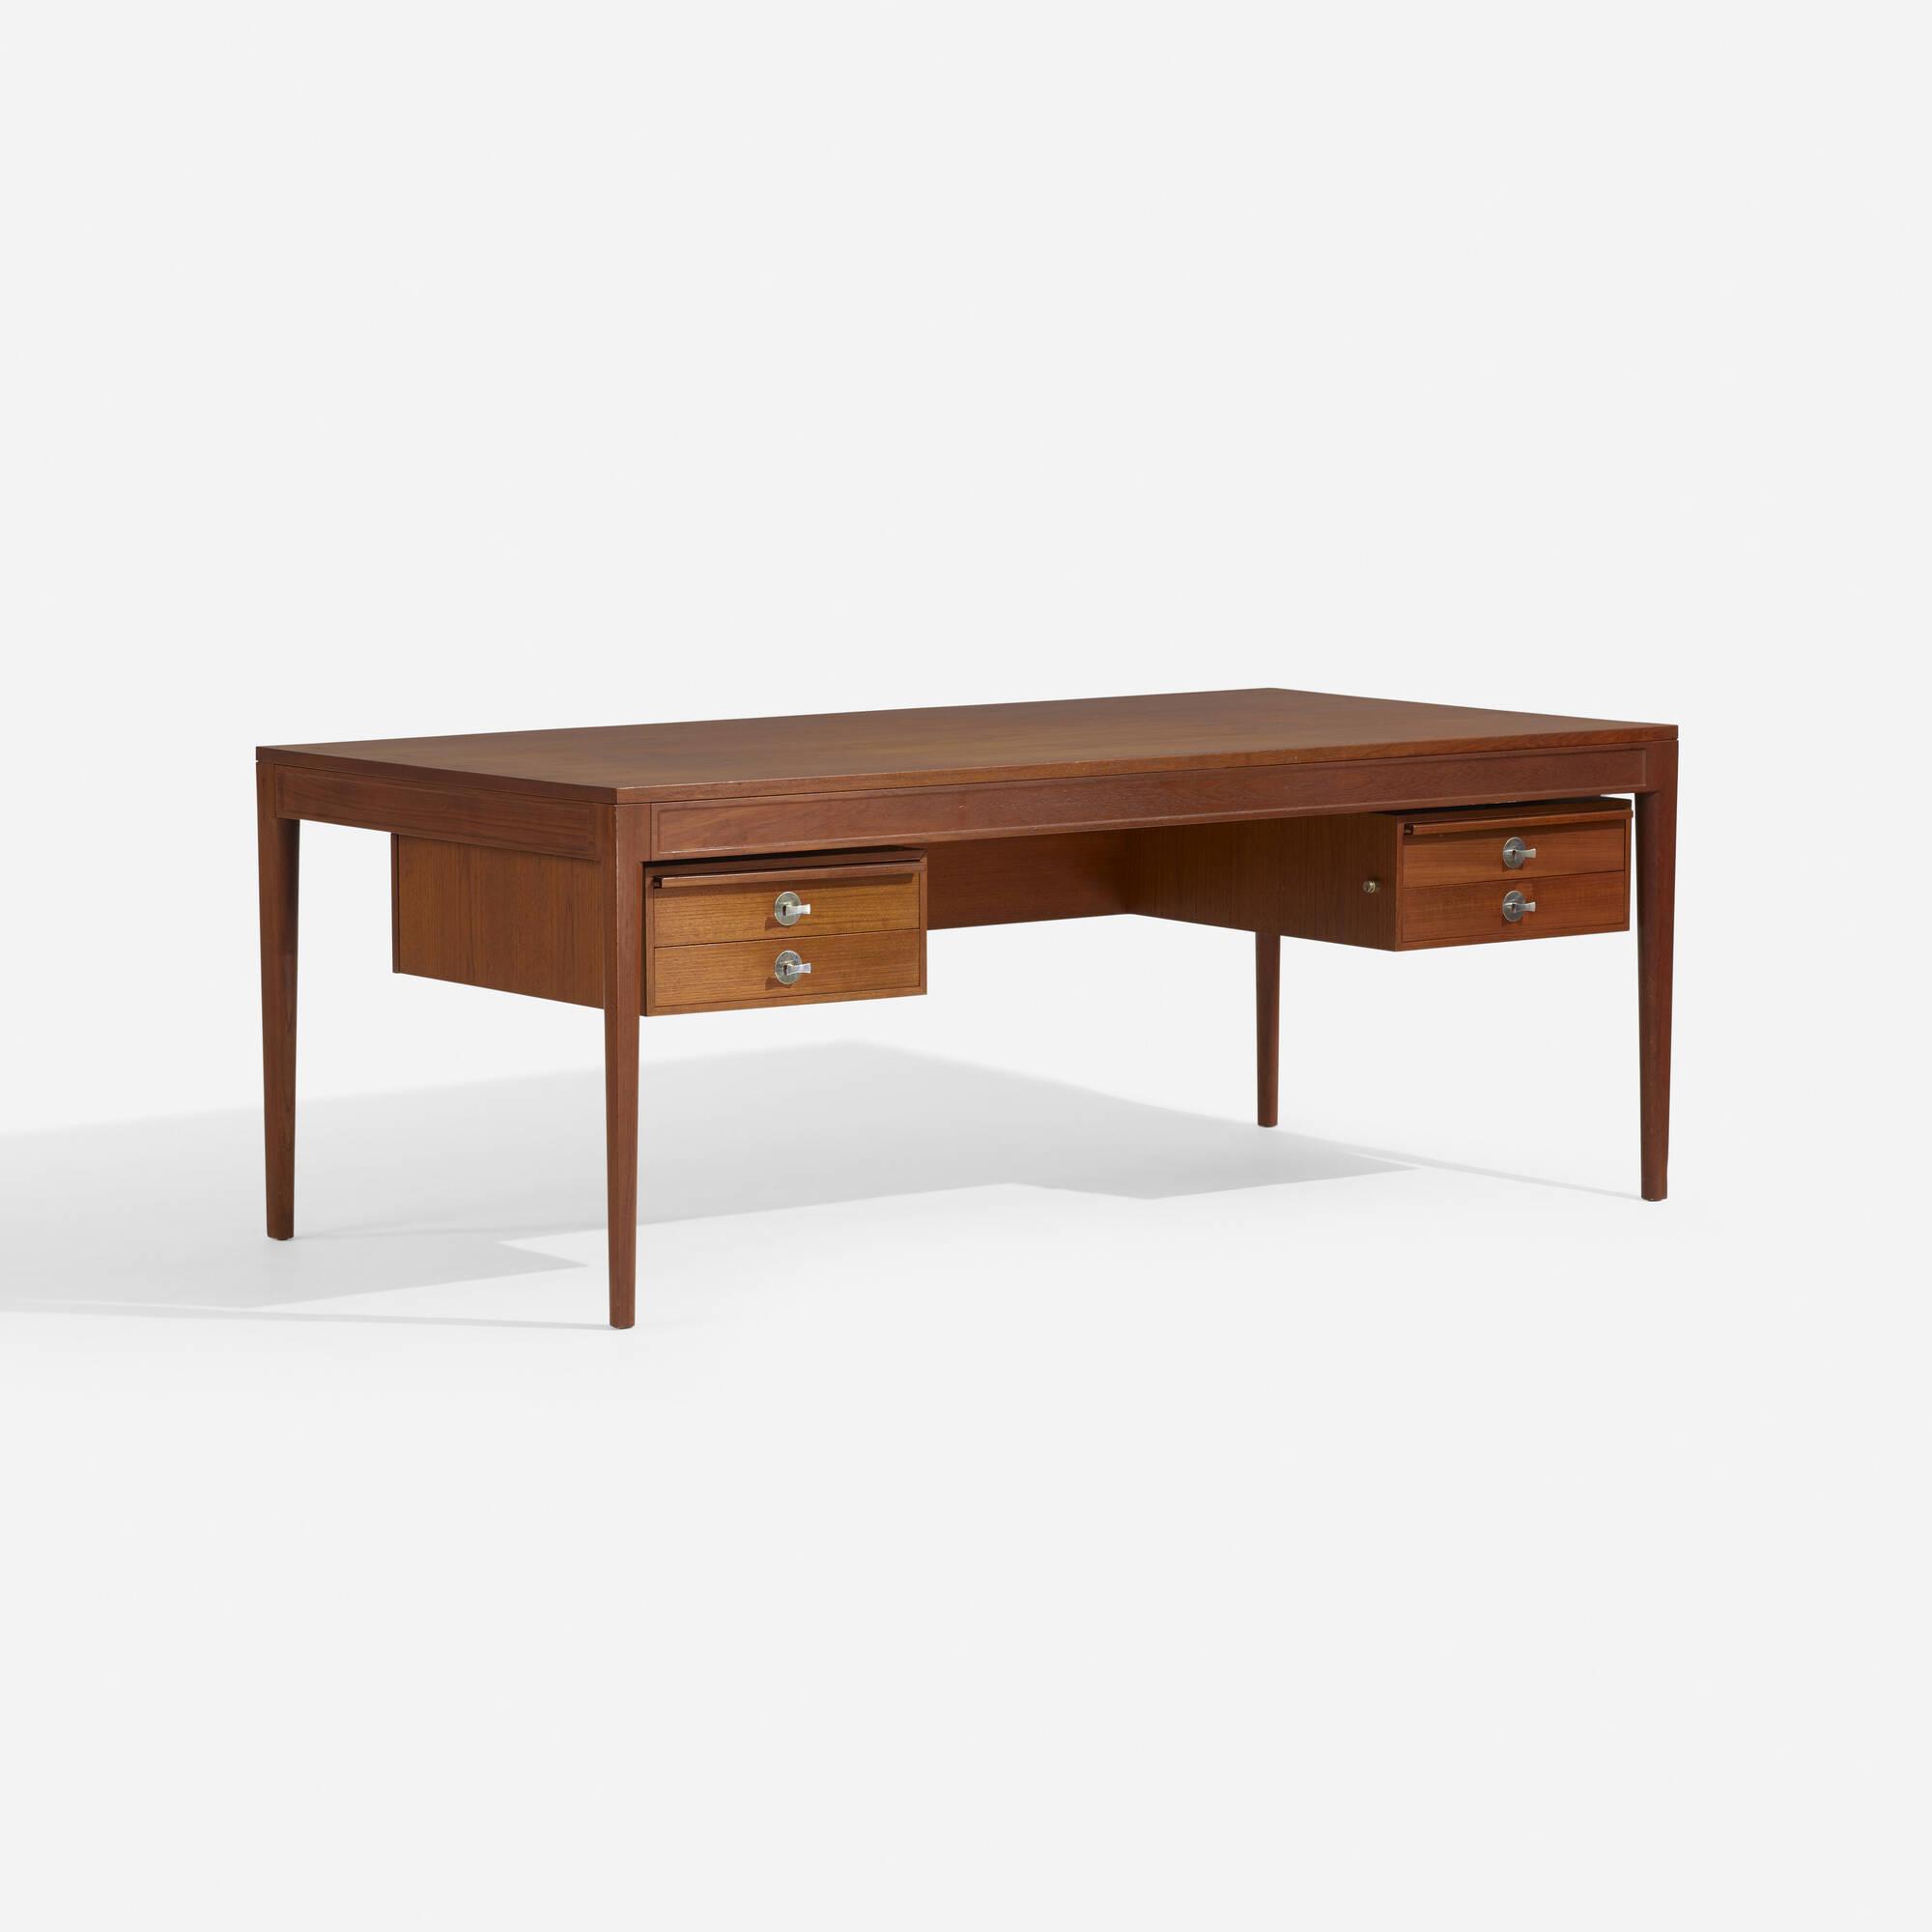 350: Finn Juhl / Diplomat desk (1 of 3)